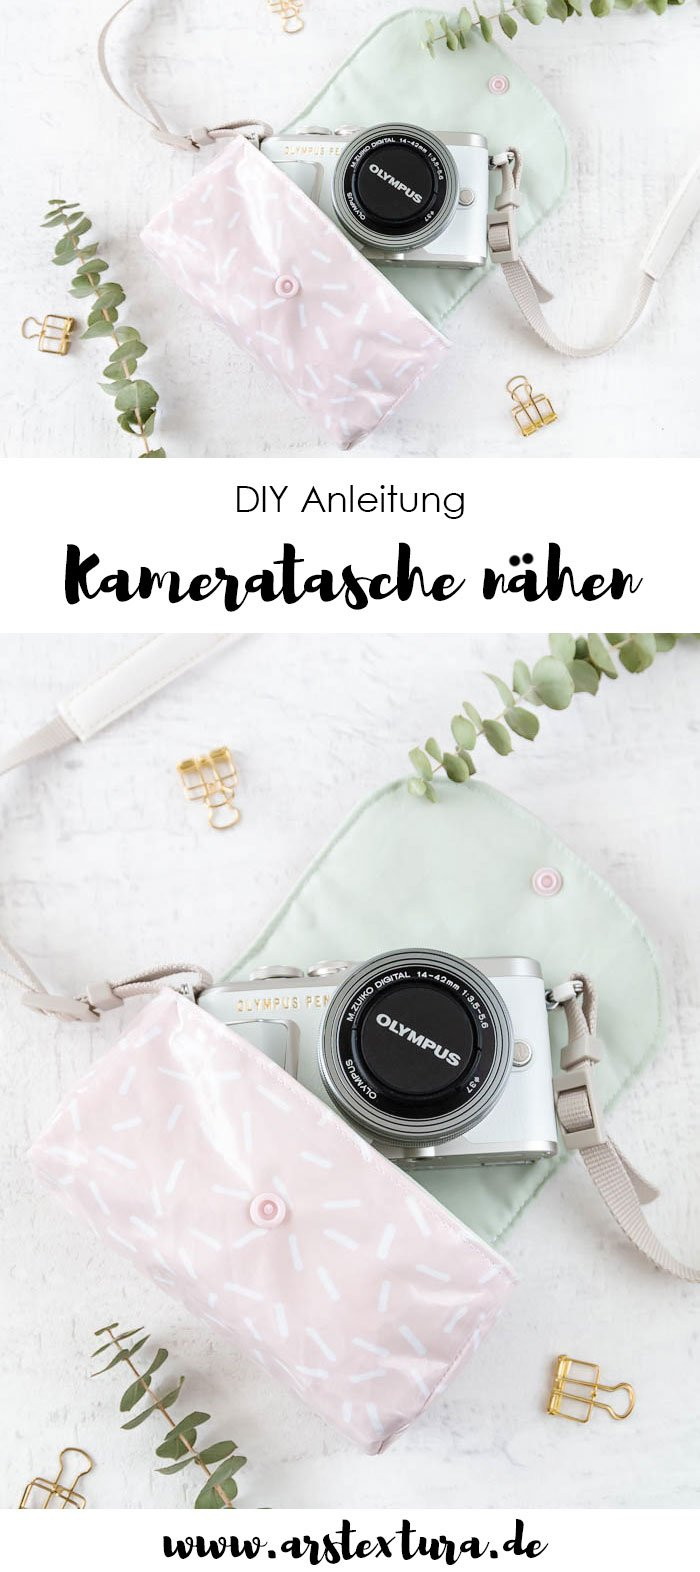 DIY Kameratasche nähen mit Anleitung